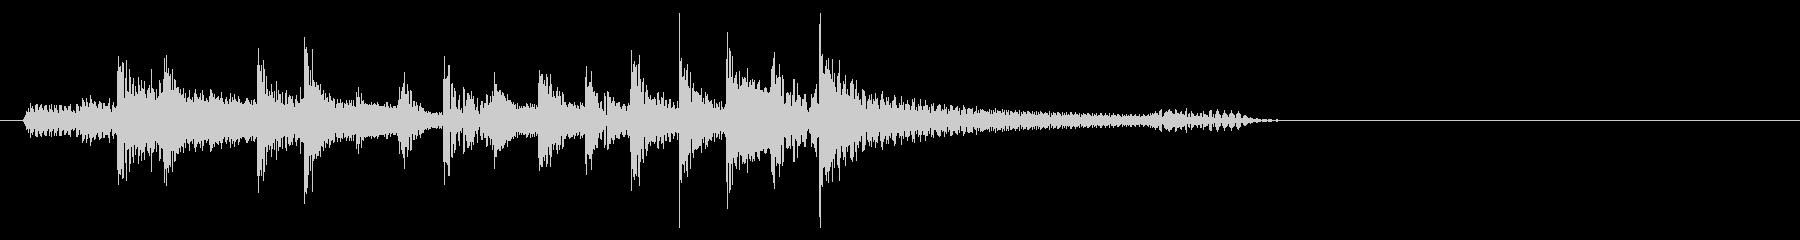 ファンク系ジングル、ベースとドラムの未再生の波形